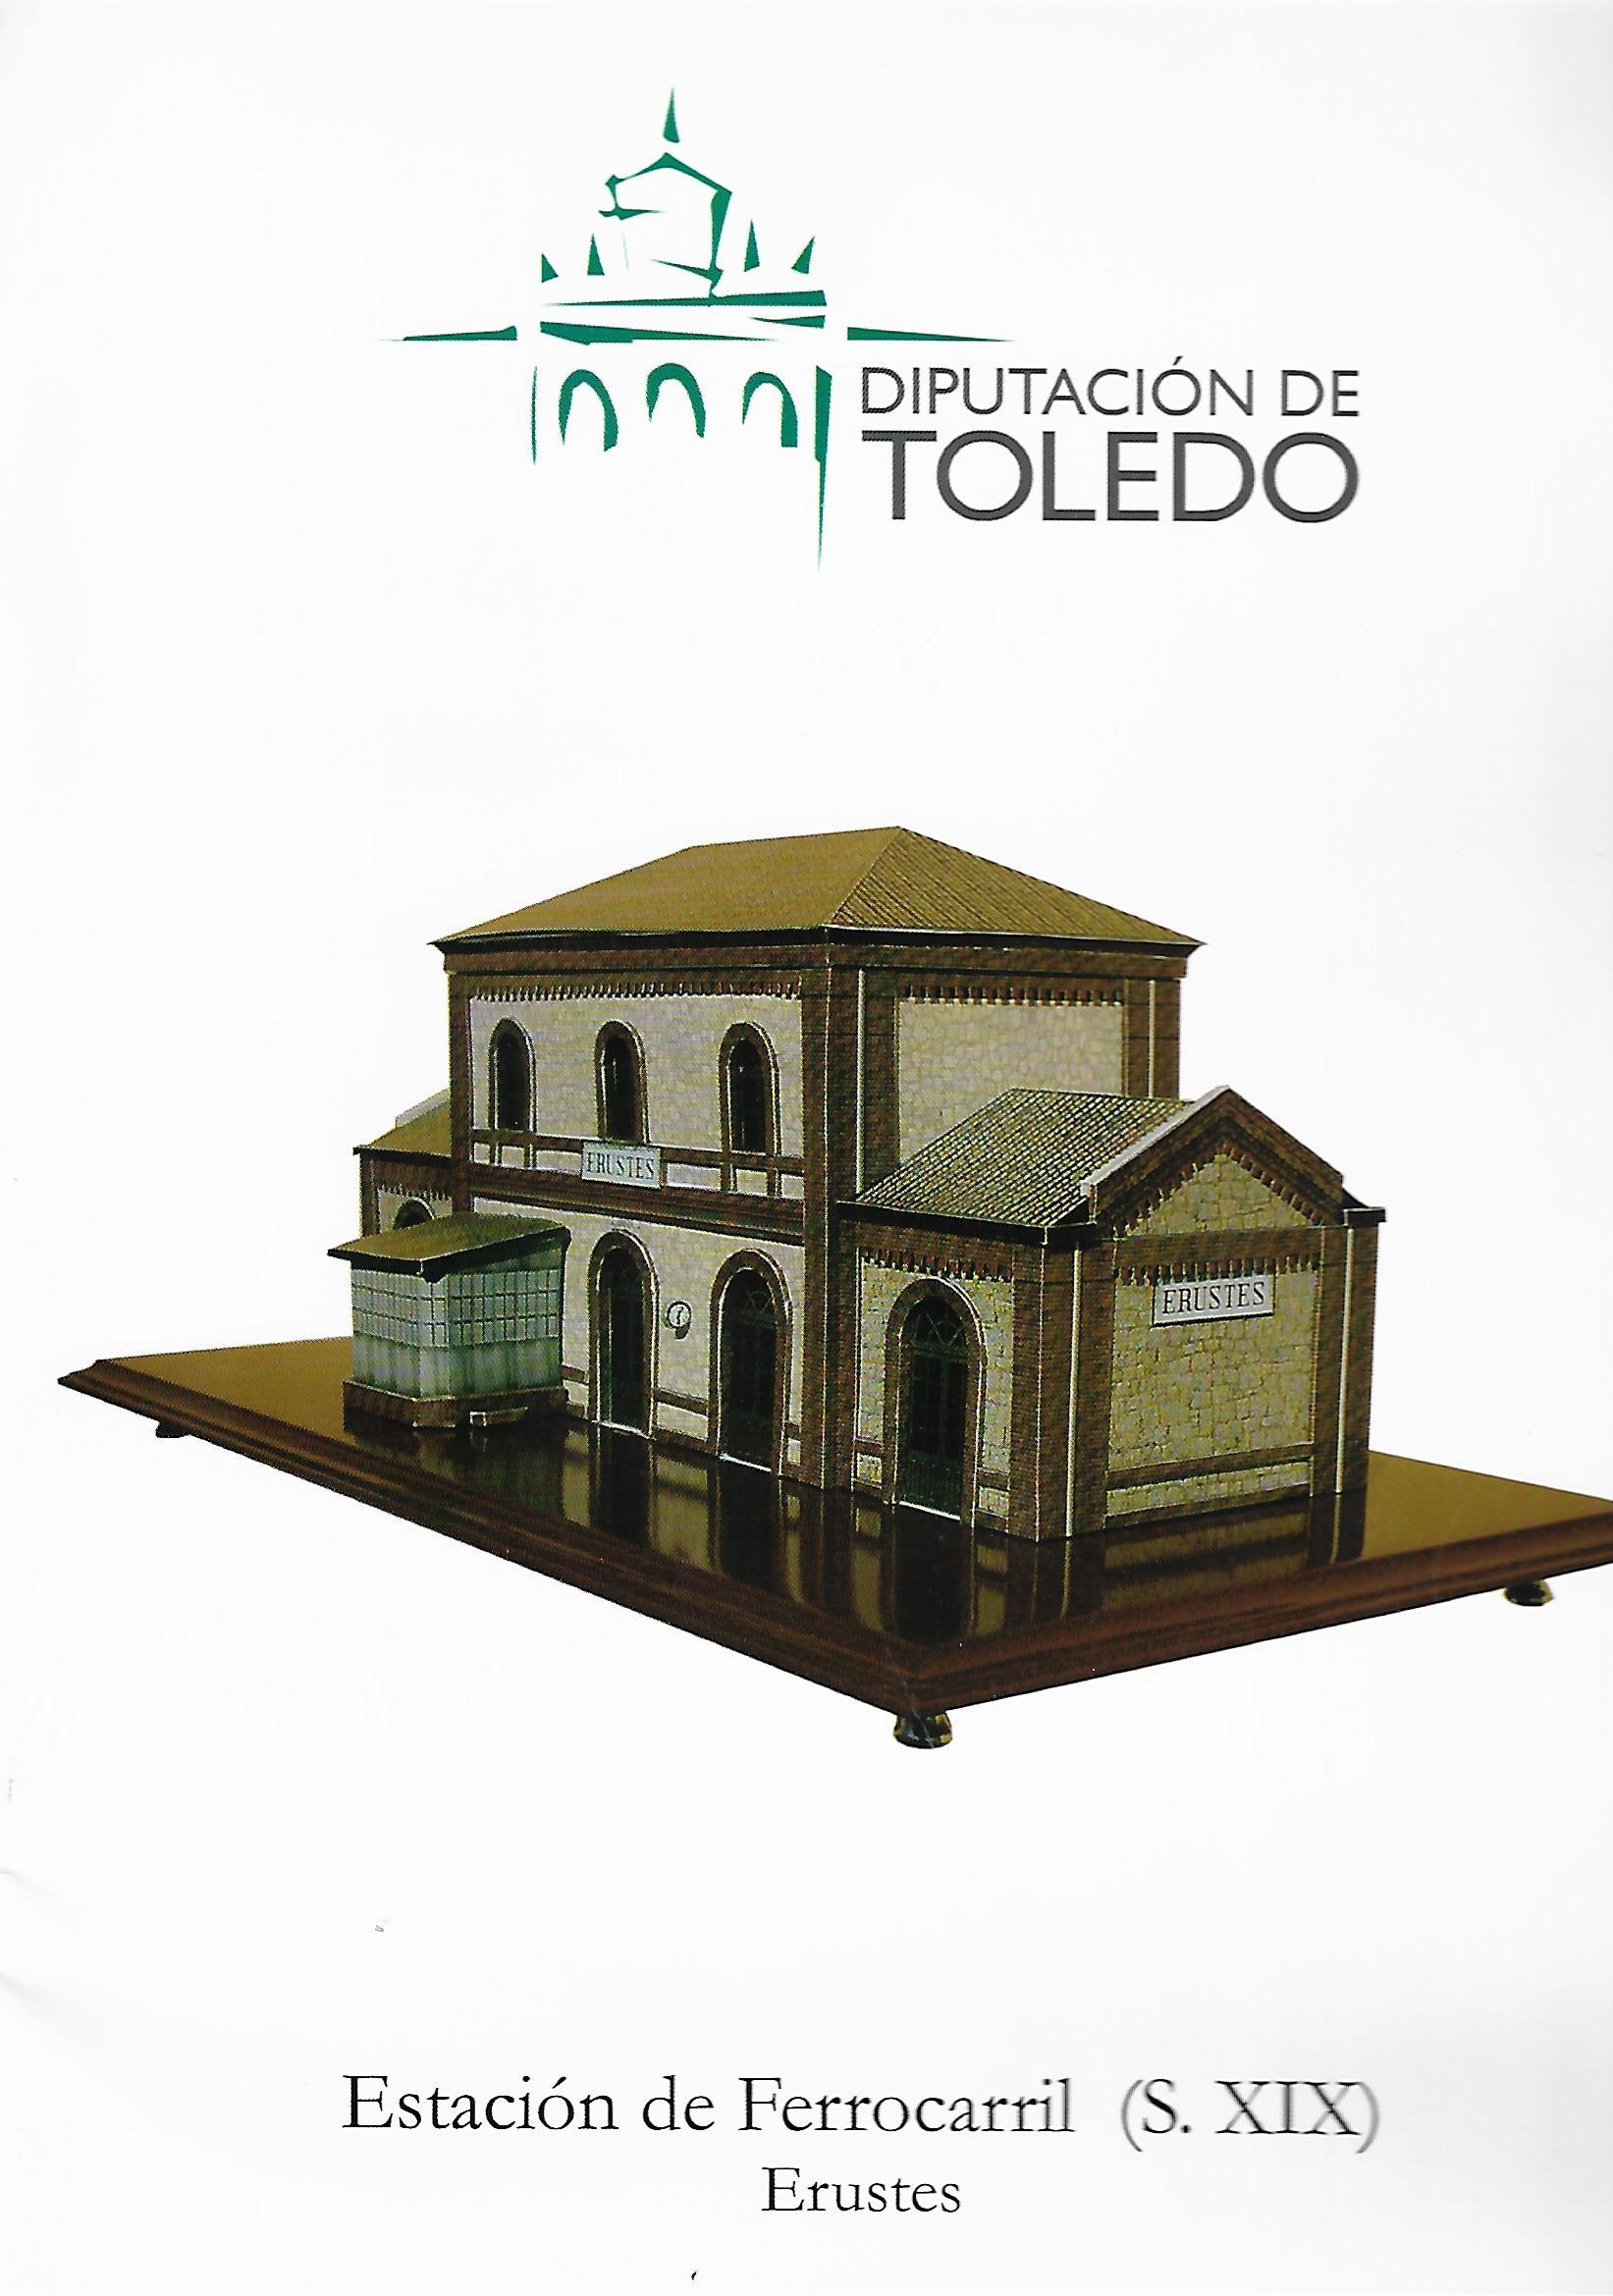 Estación de ferrocarril (siglo XIX). Erustes. Edición infantil